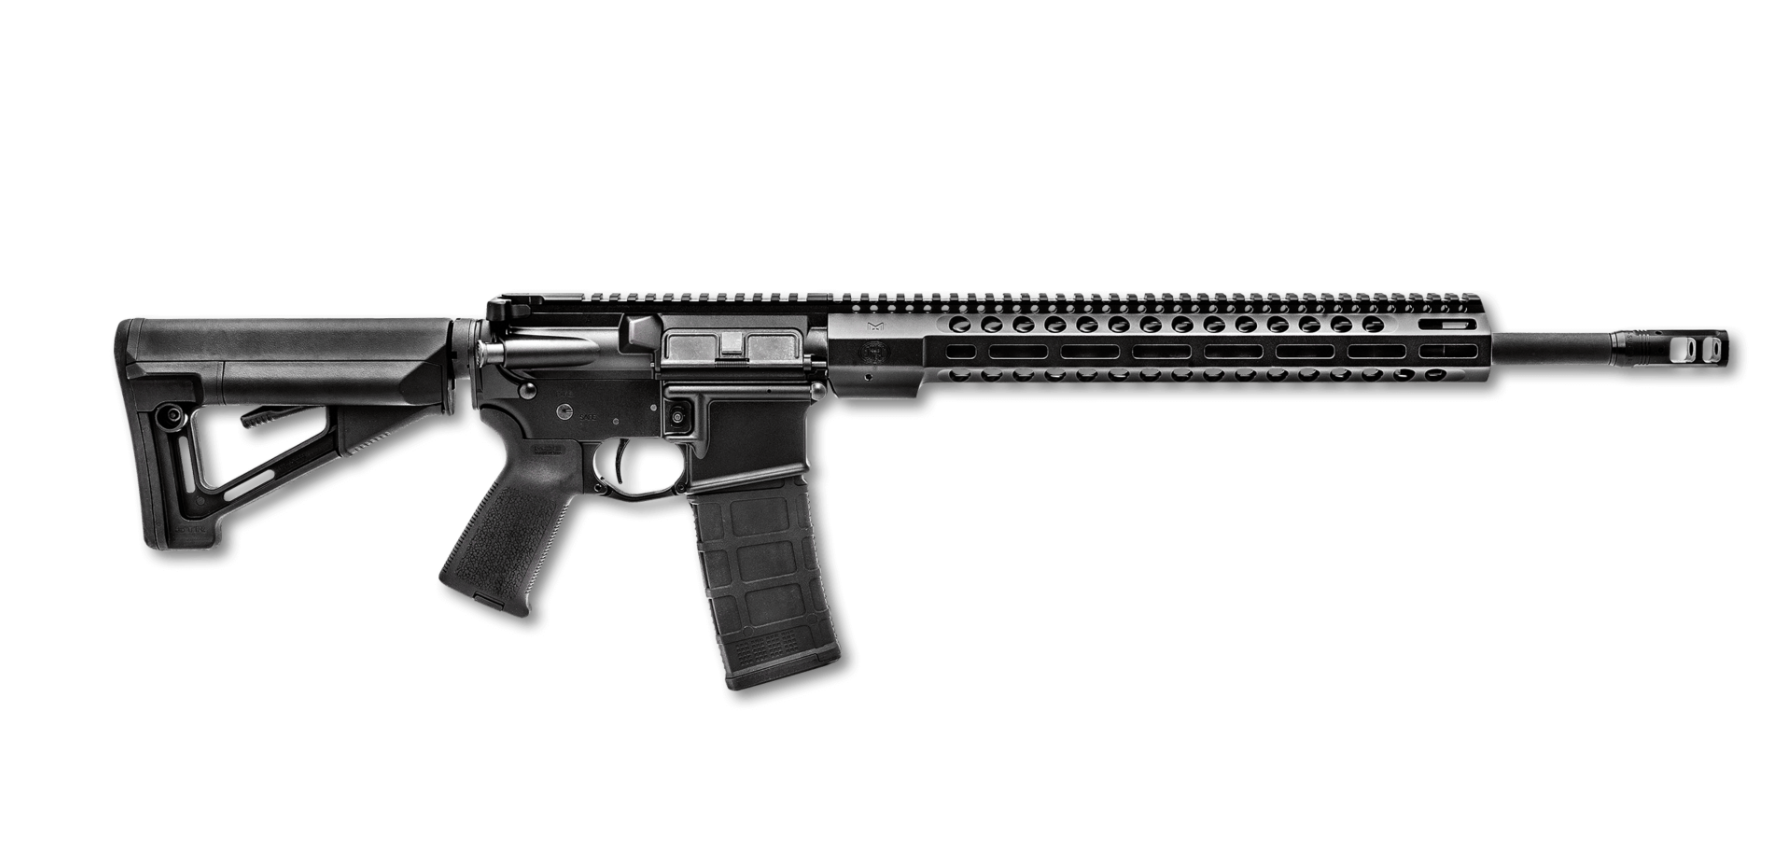 FN FN15 DMR II 223 Rem | 5.56 NATO